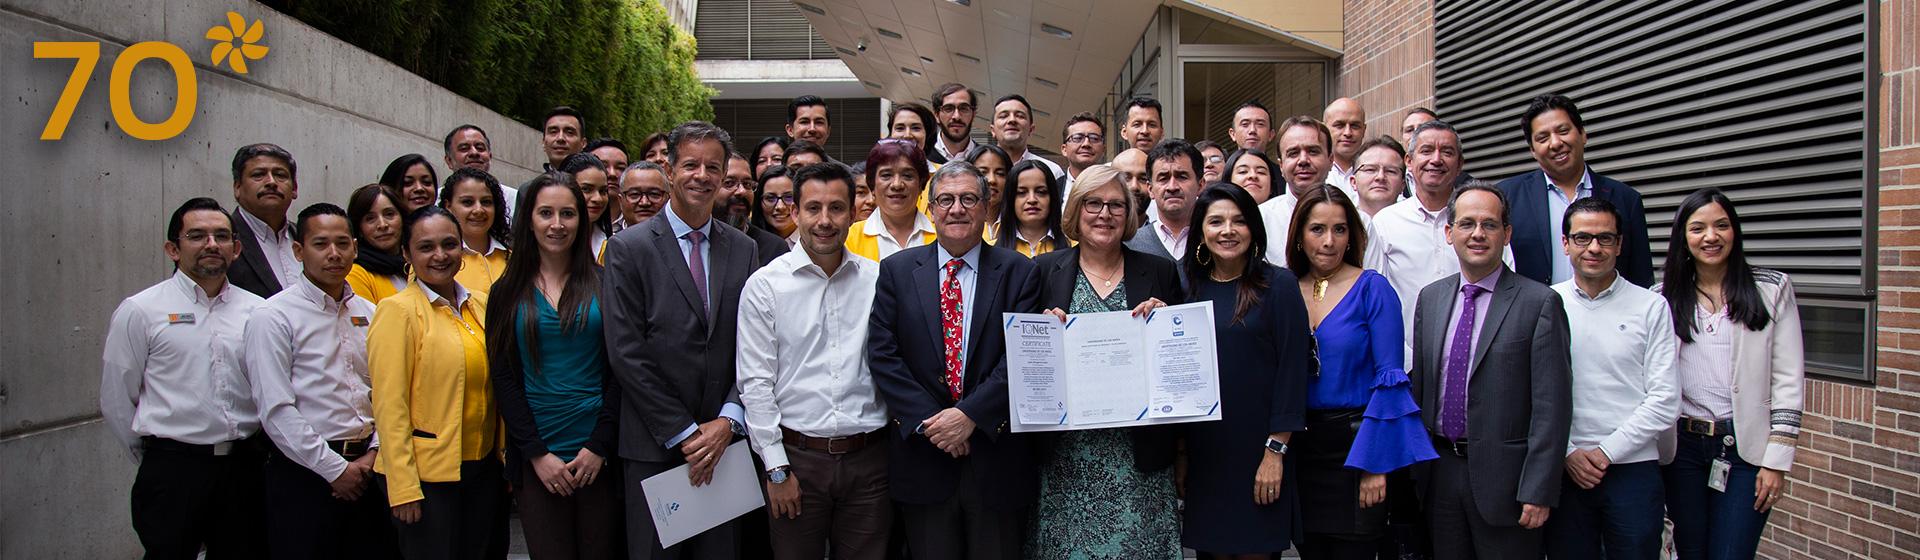 Certificación de calidad ISO 9001:2015